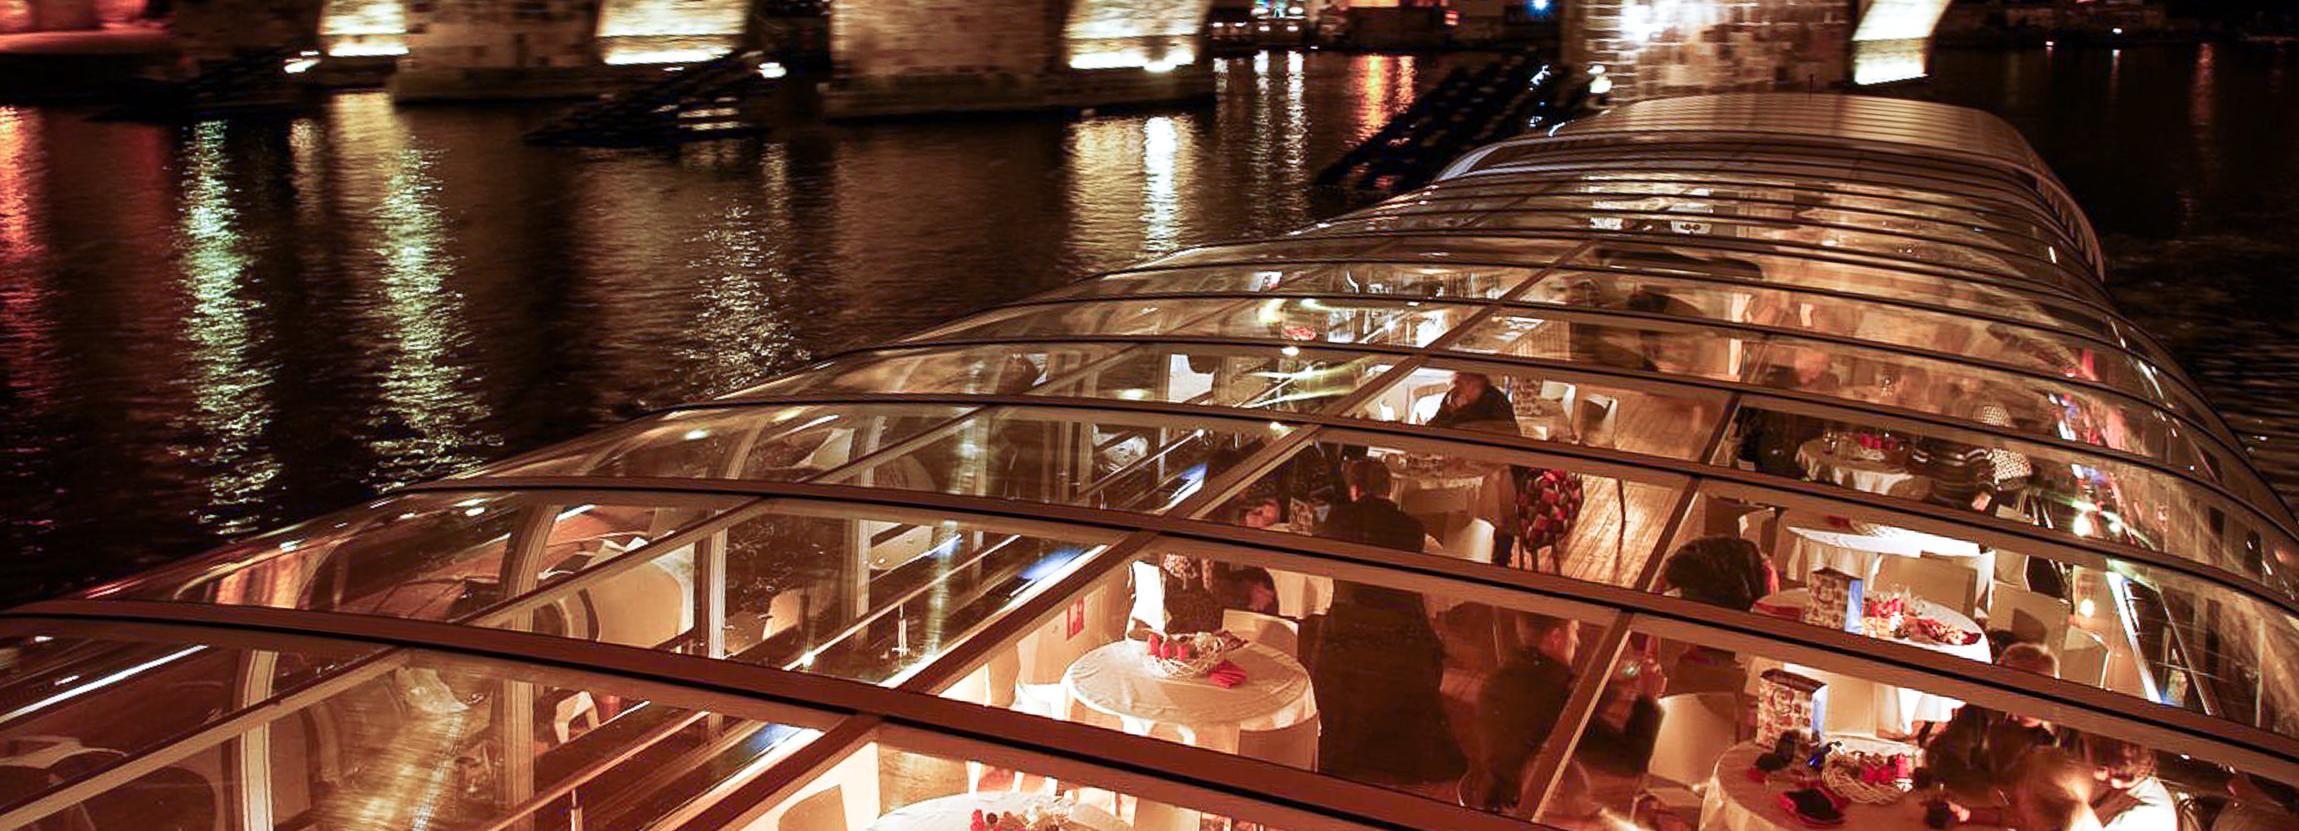 Praga: crucero con cena turística en un barco de cristal abierto